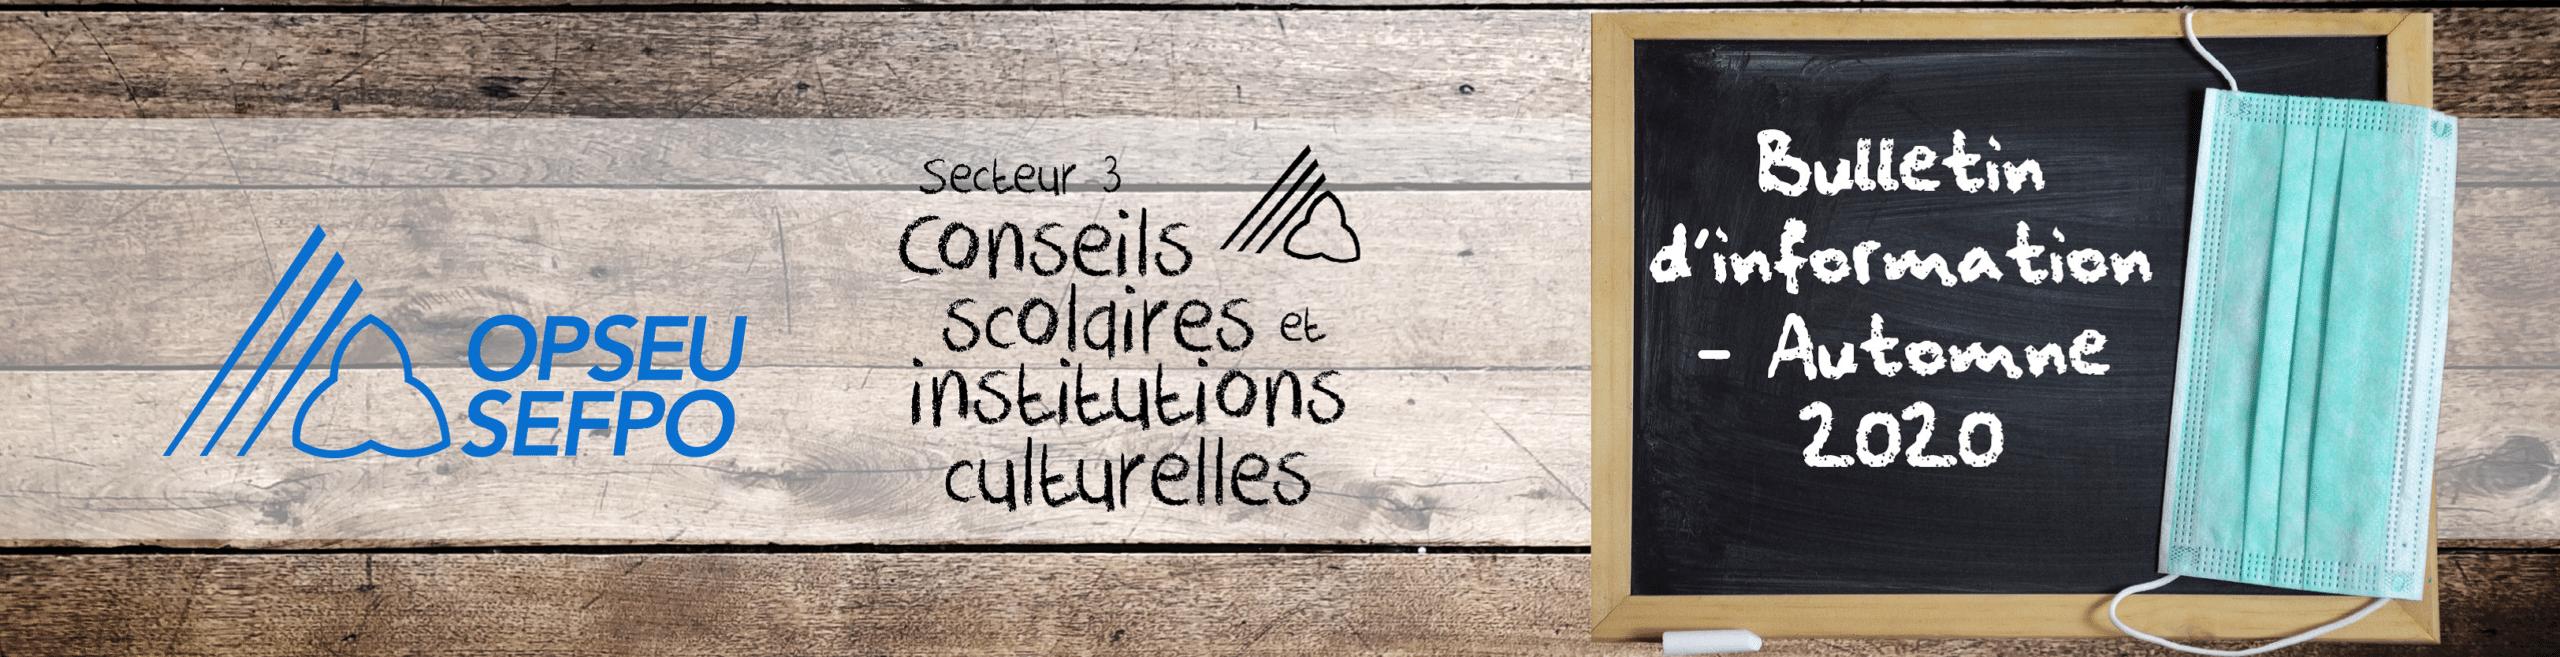 Counseils Scolaires et institutions culturelles. Bulletin d'information - Automne 2020